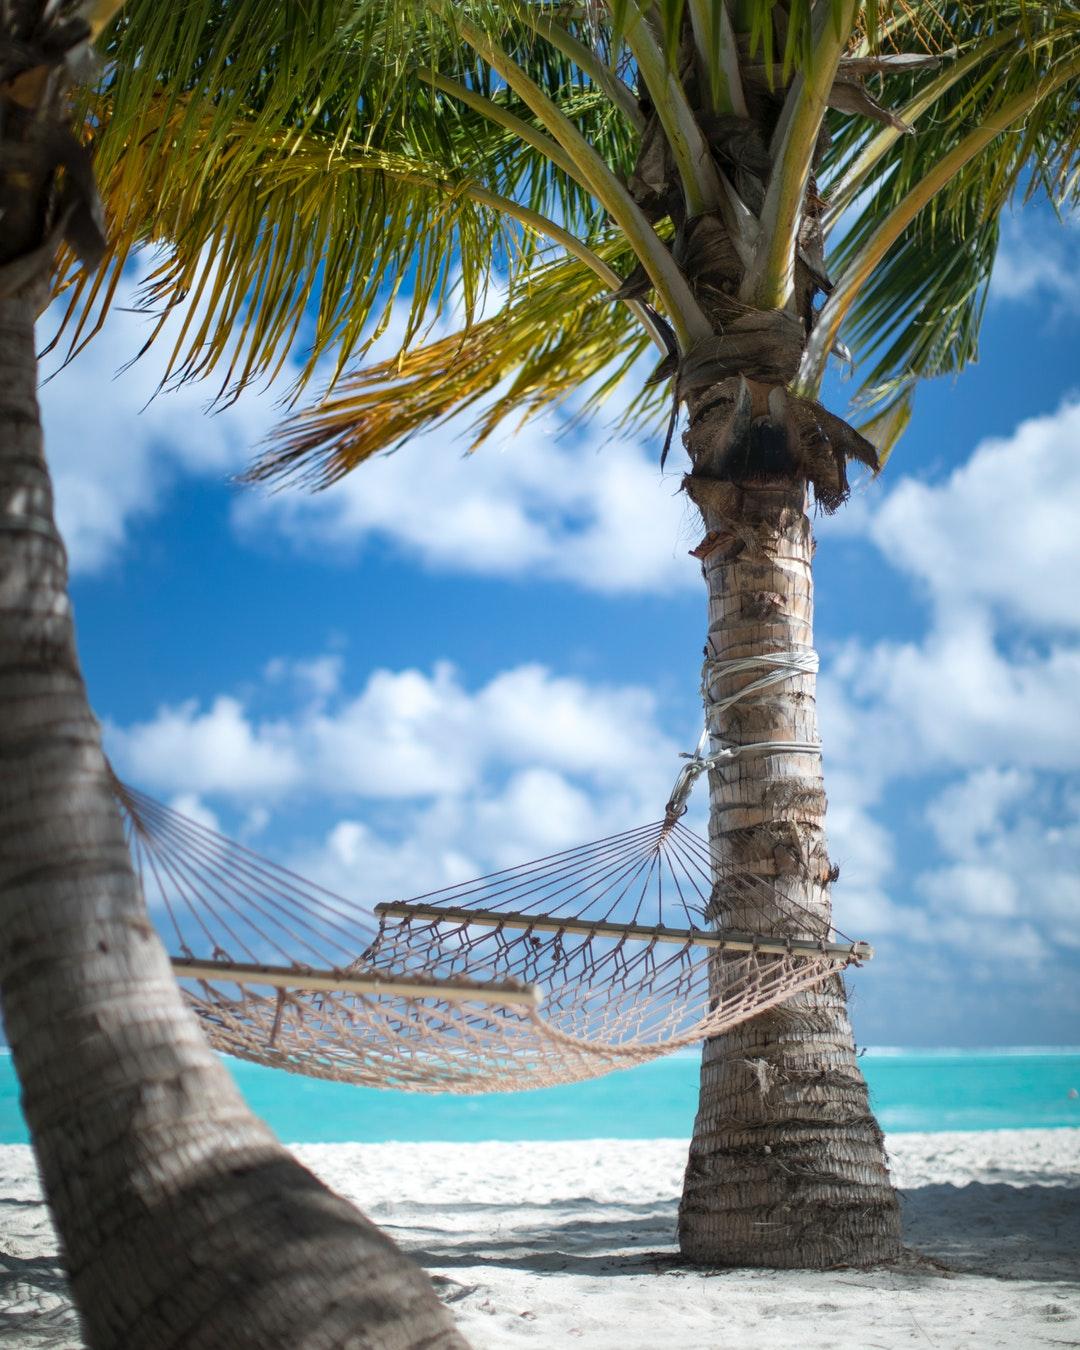 hammock and trees